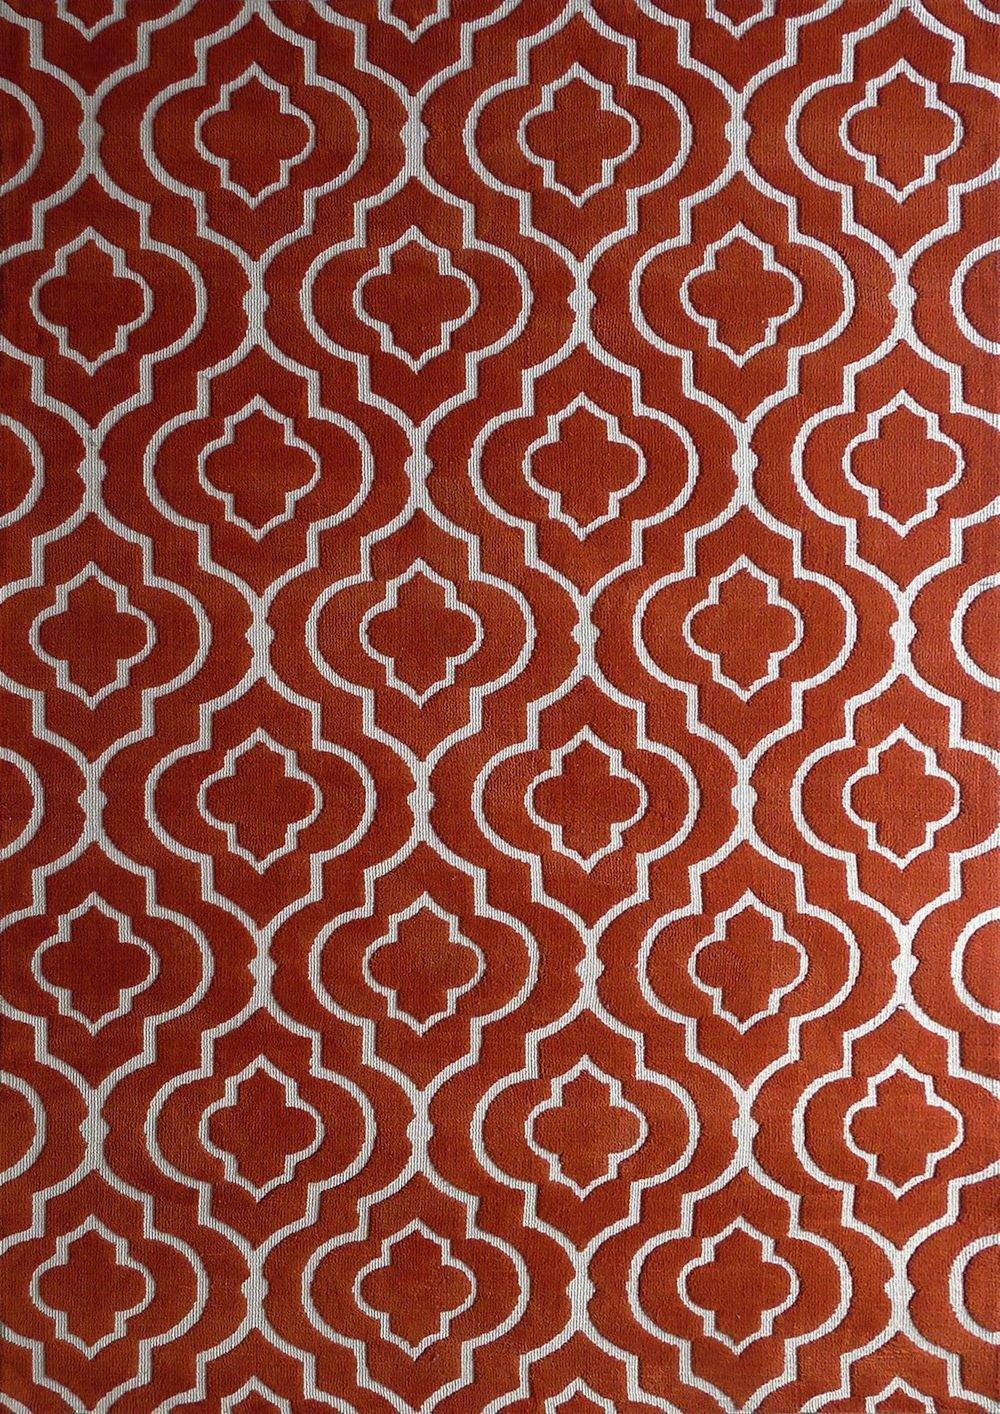 Amazon.com: OFERTA TIEMPO LIMITADO Alfombra color Naranja hecha a mano estilo unica moderno lujosa, 60